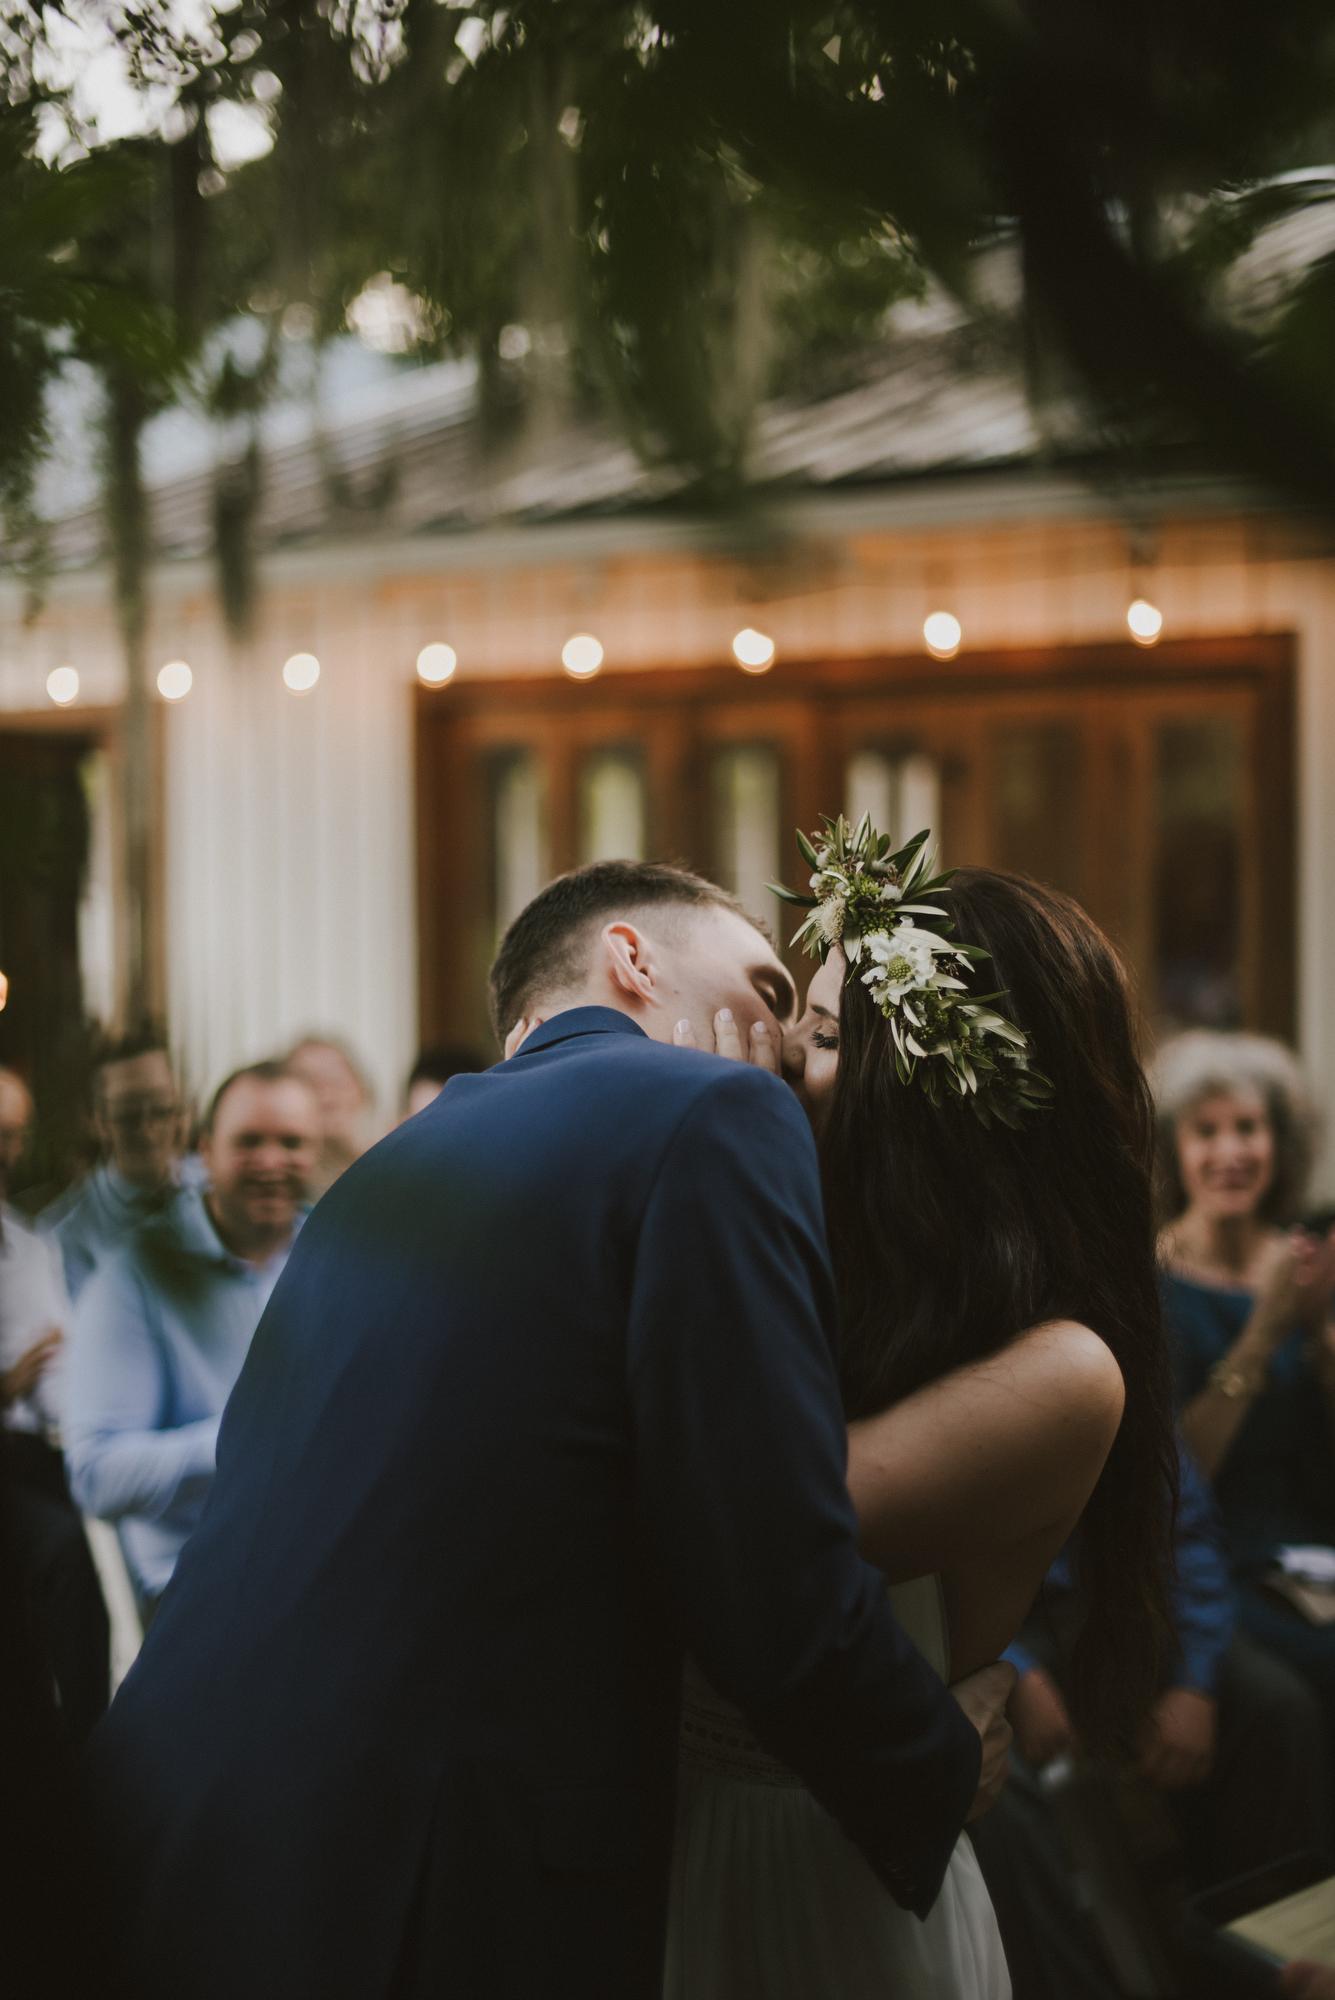 ofRen_weddingphotography085.JPG